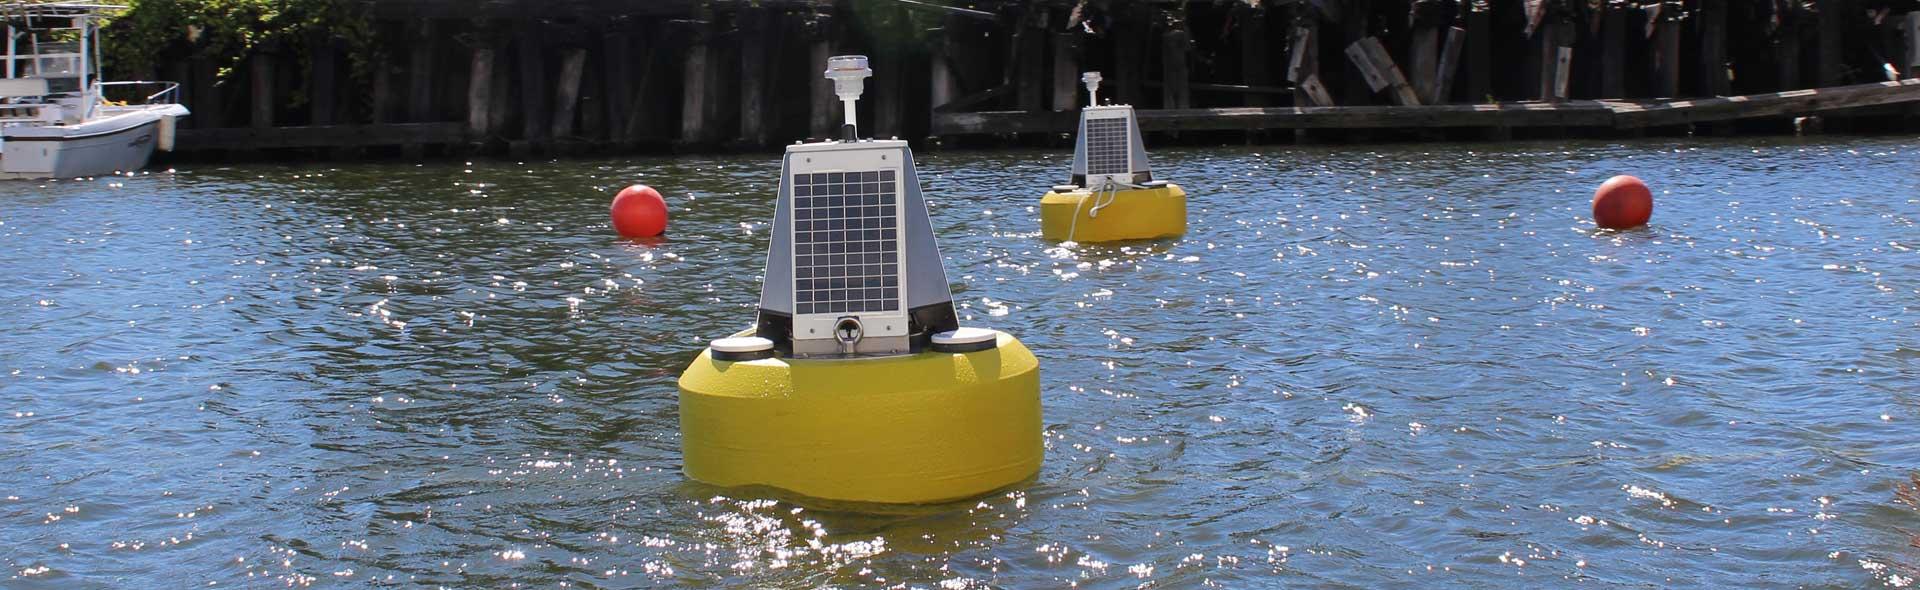 River monitoring buoy